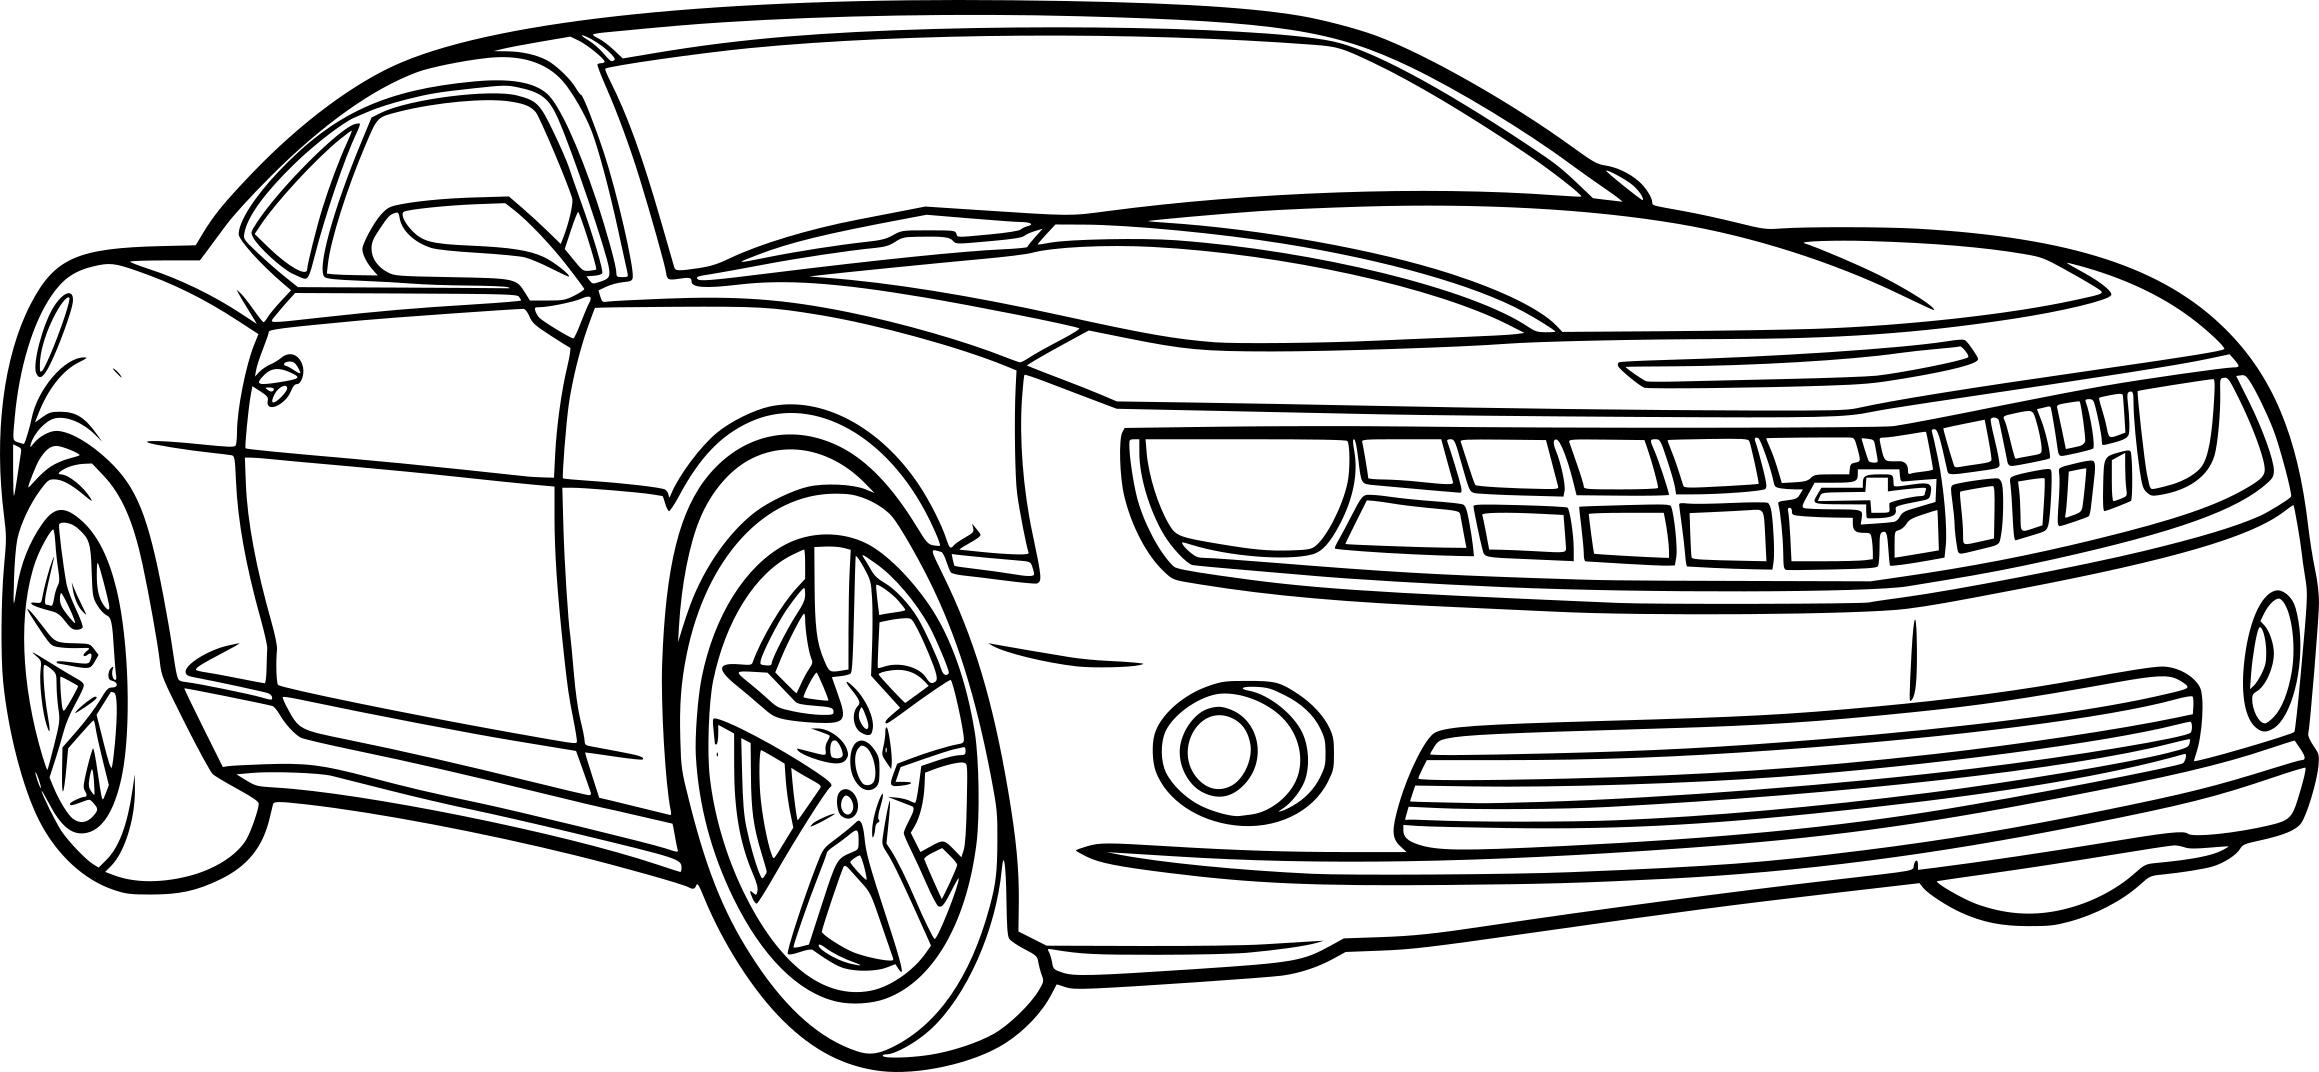 Coloriage Voiture Camaro À Imprimer dedans Ferrari A Colorier